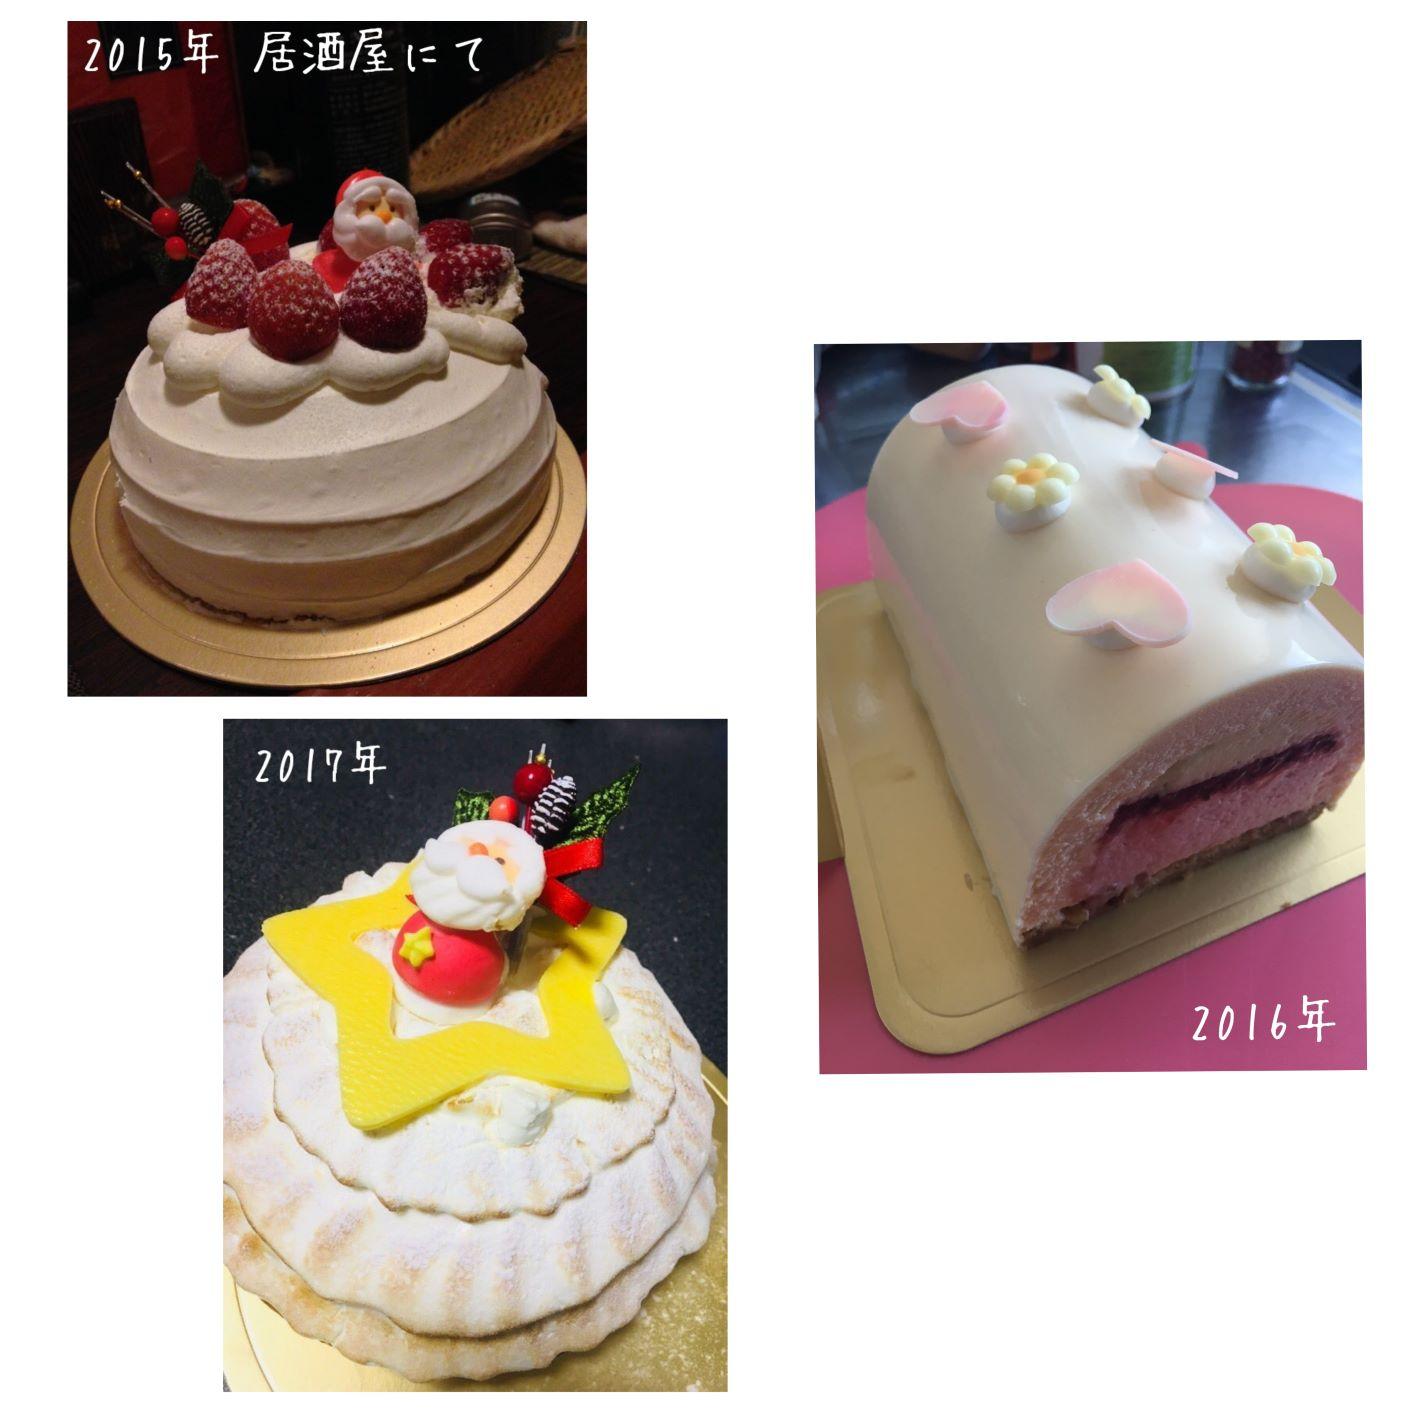 春日部市,オークウッド,ケーキ,クリスマス